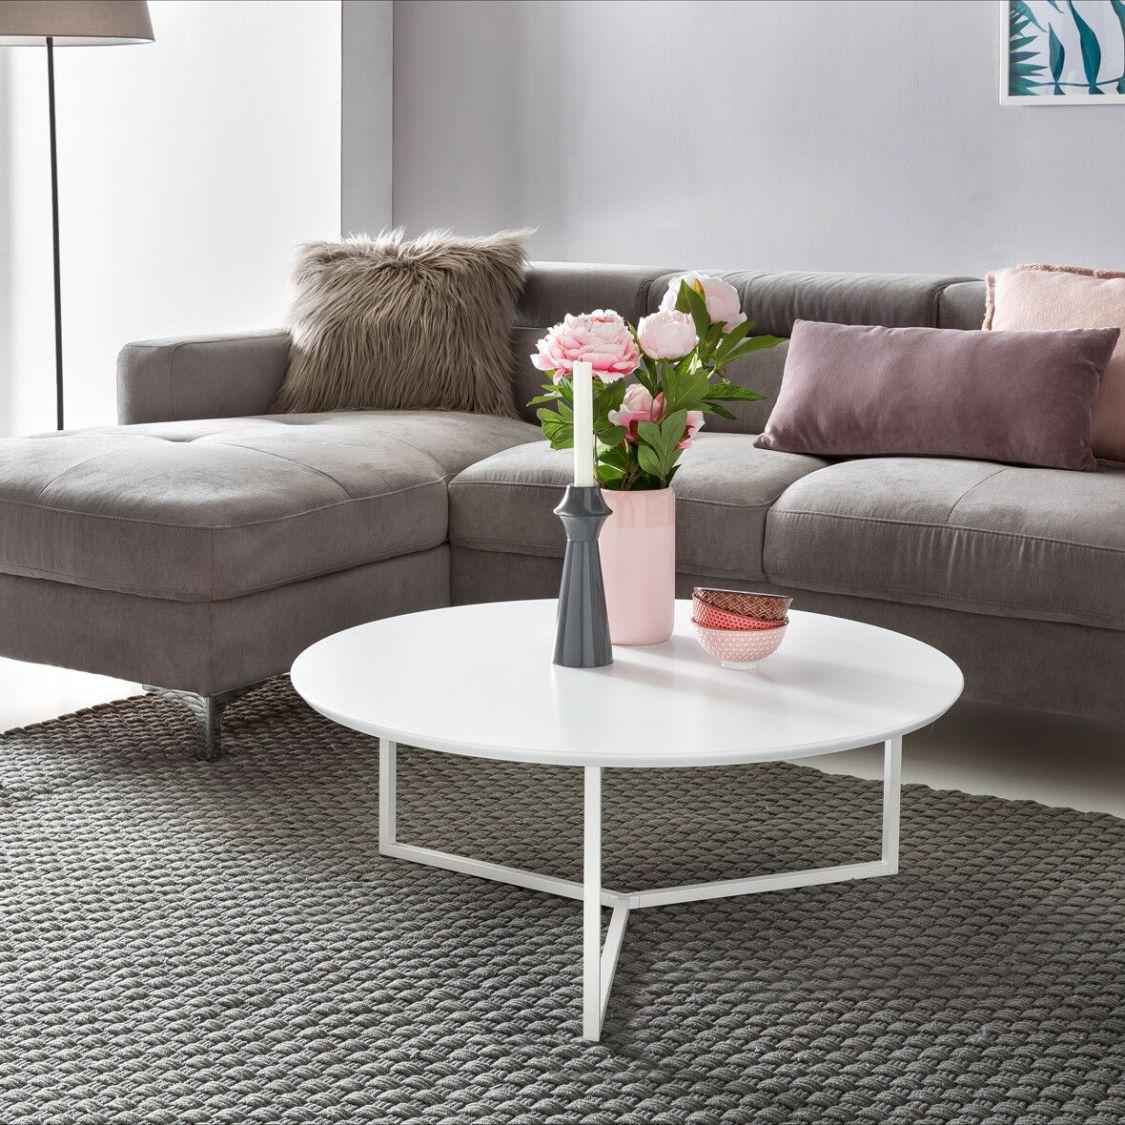 Couchtisch WHITE 80cm Rund Weiß Matt Design Wohnzimmertisch Sofa Beistell Tisch